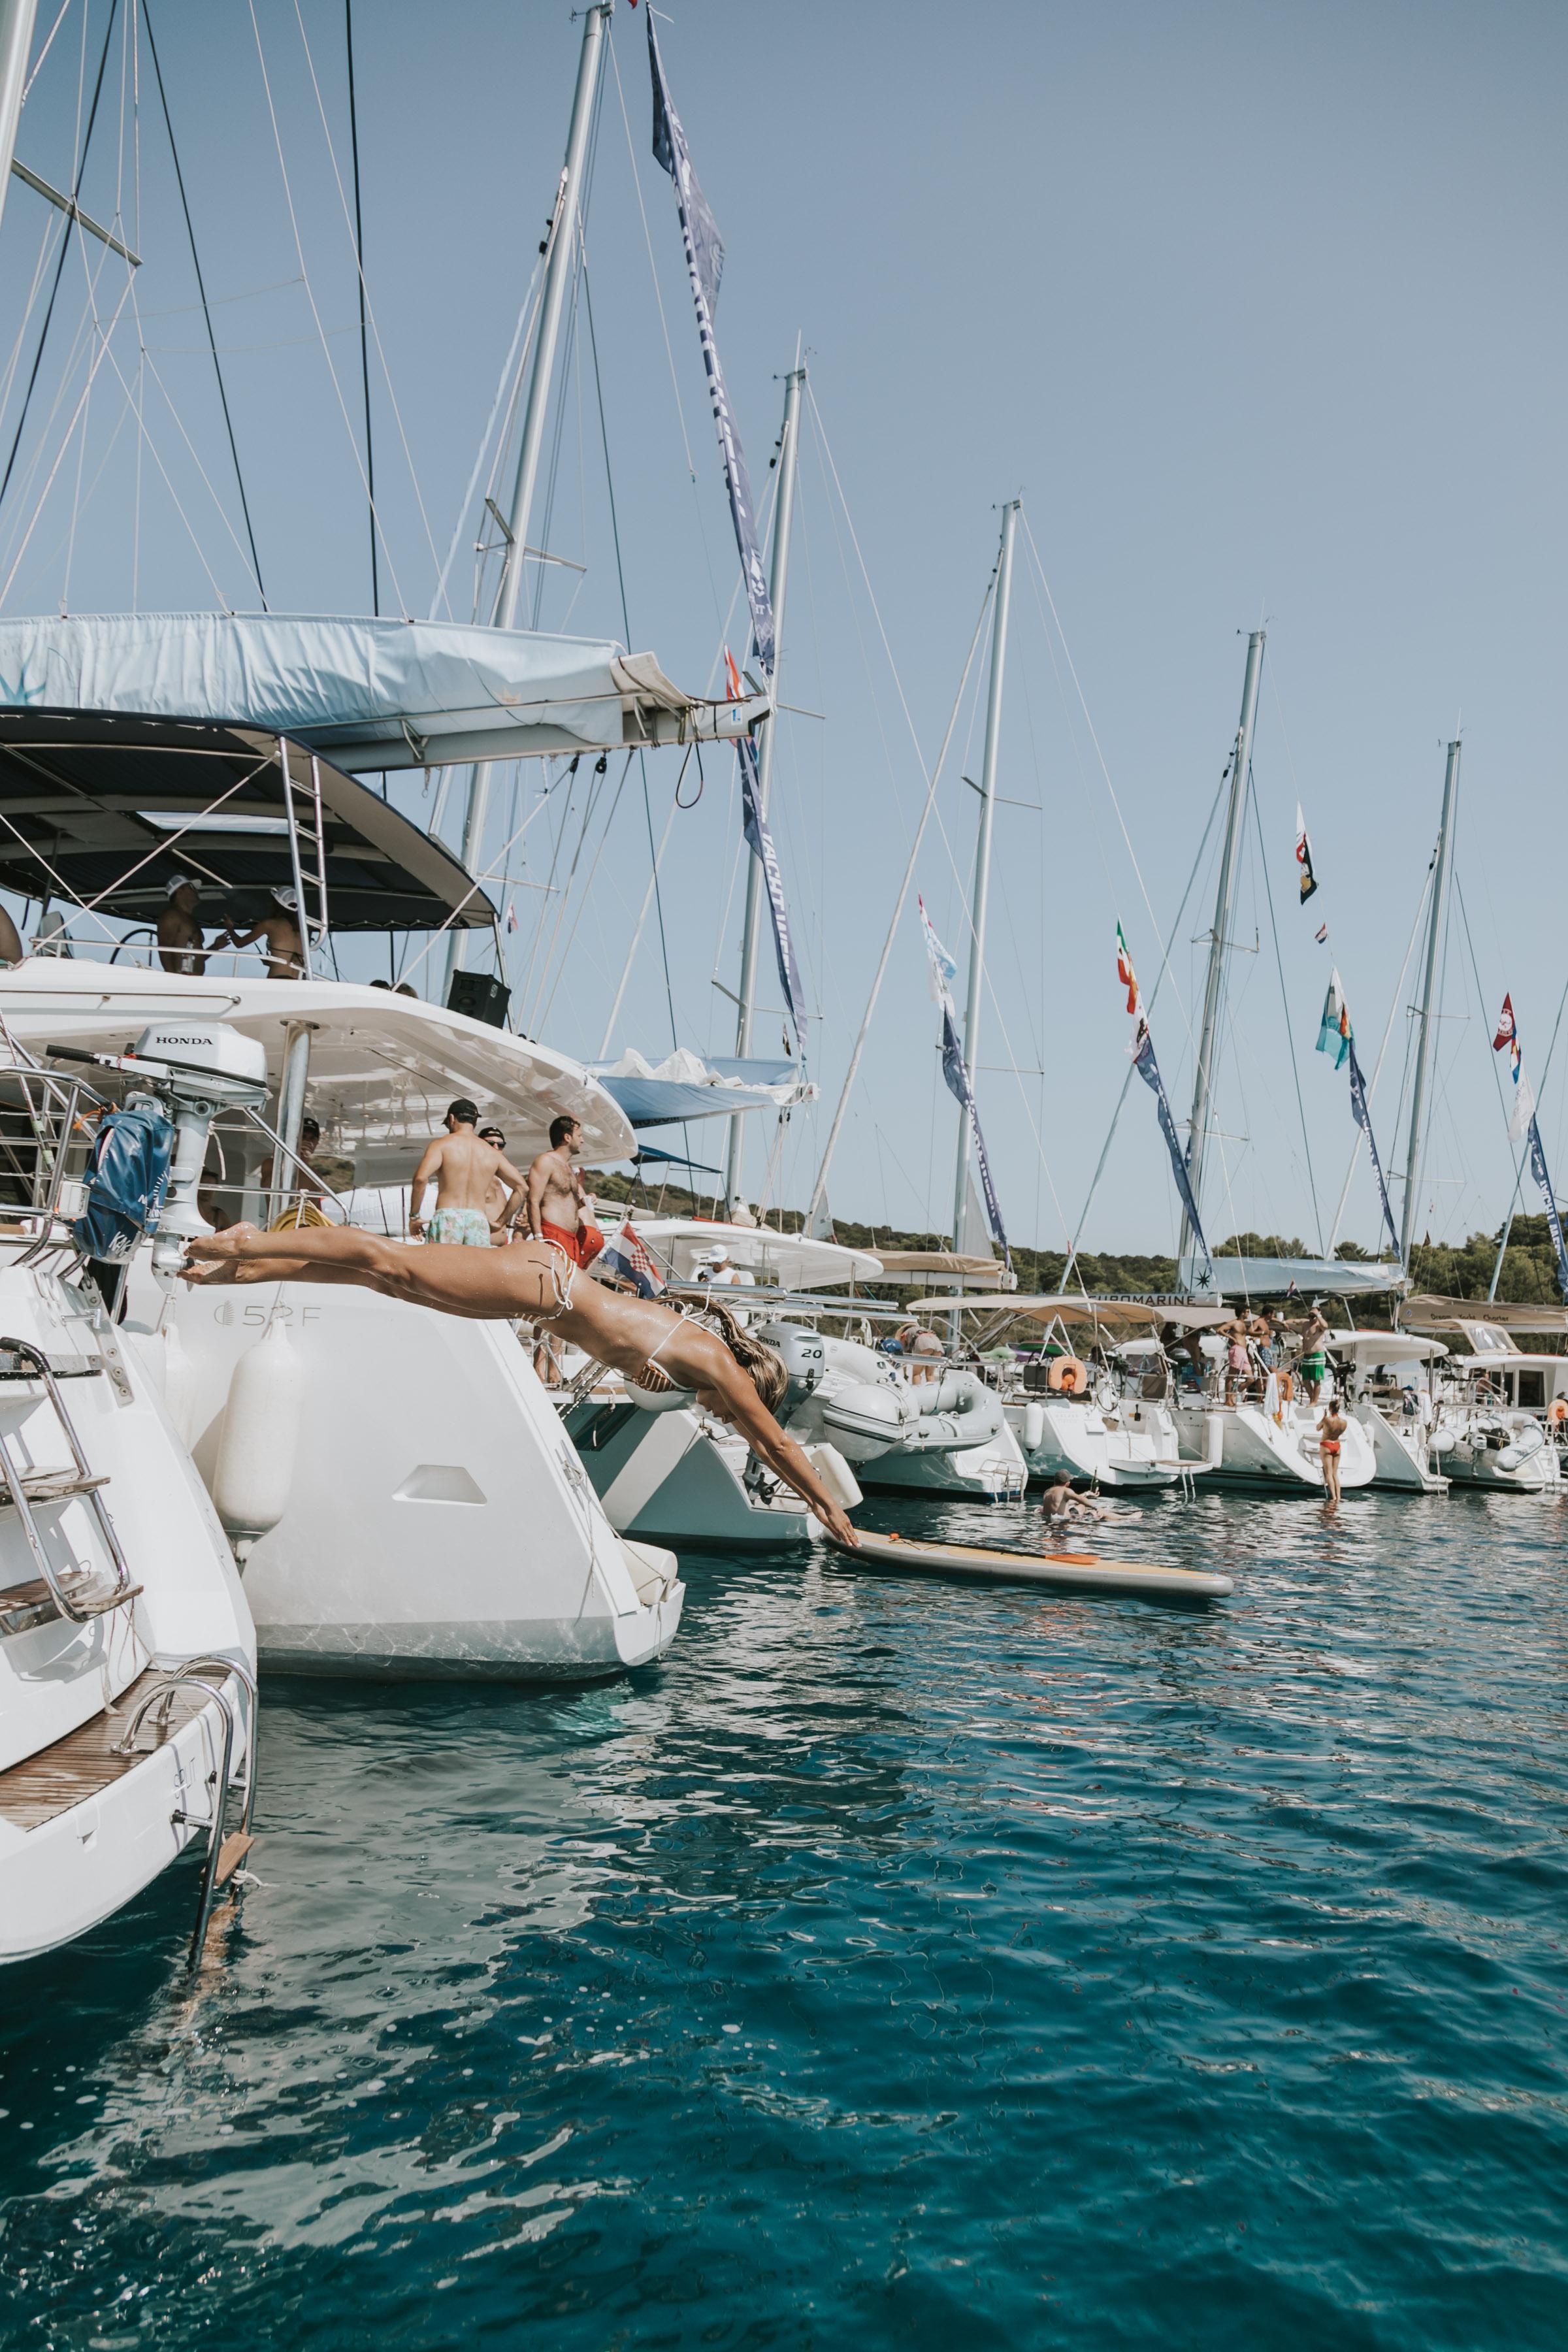 Supercharge-YachtWeek-AUG2018-CreditAllisonKuhlPhotos-7427.jpg